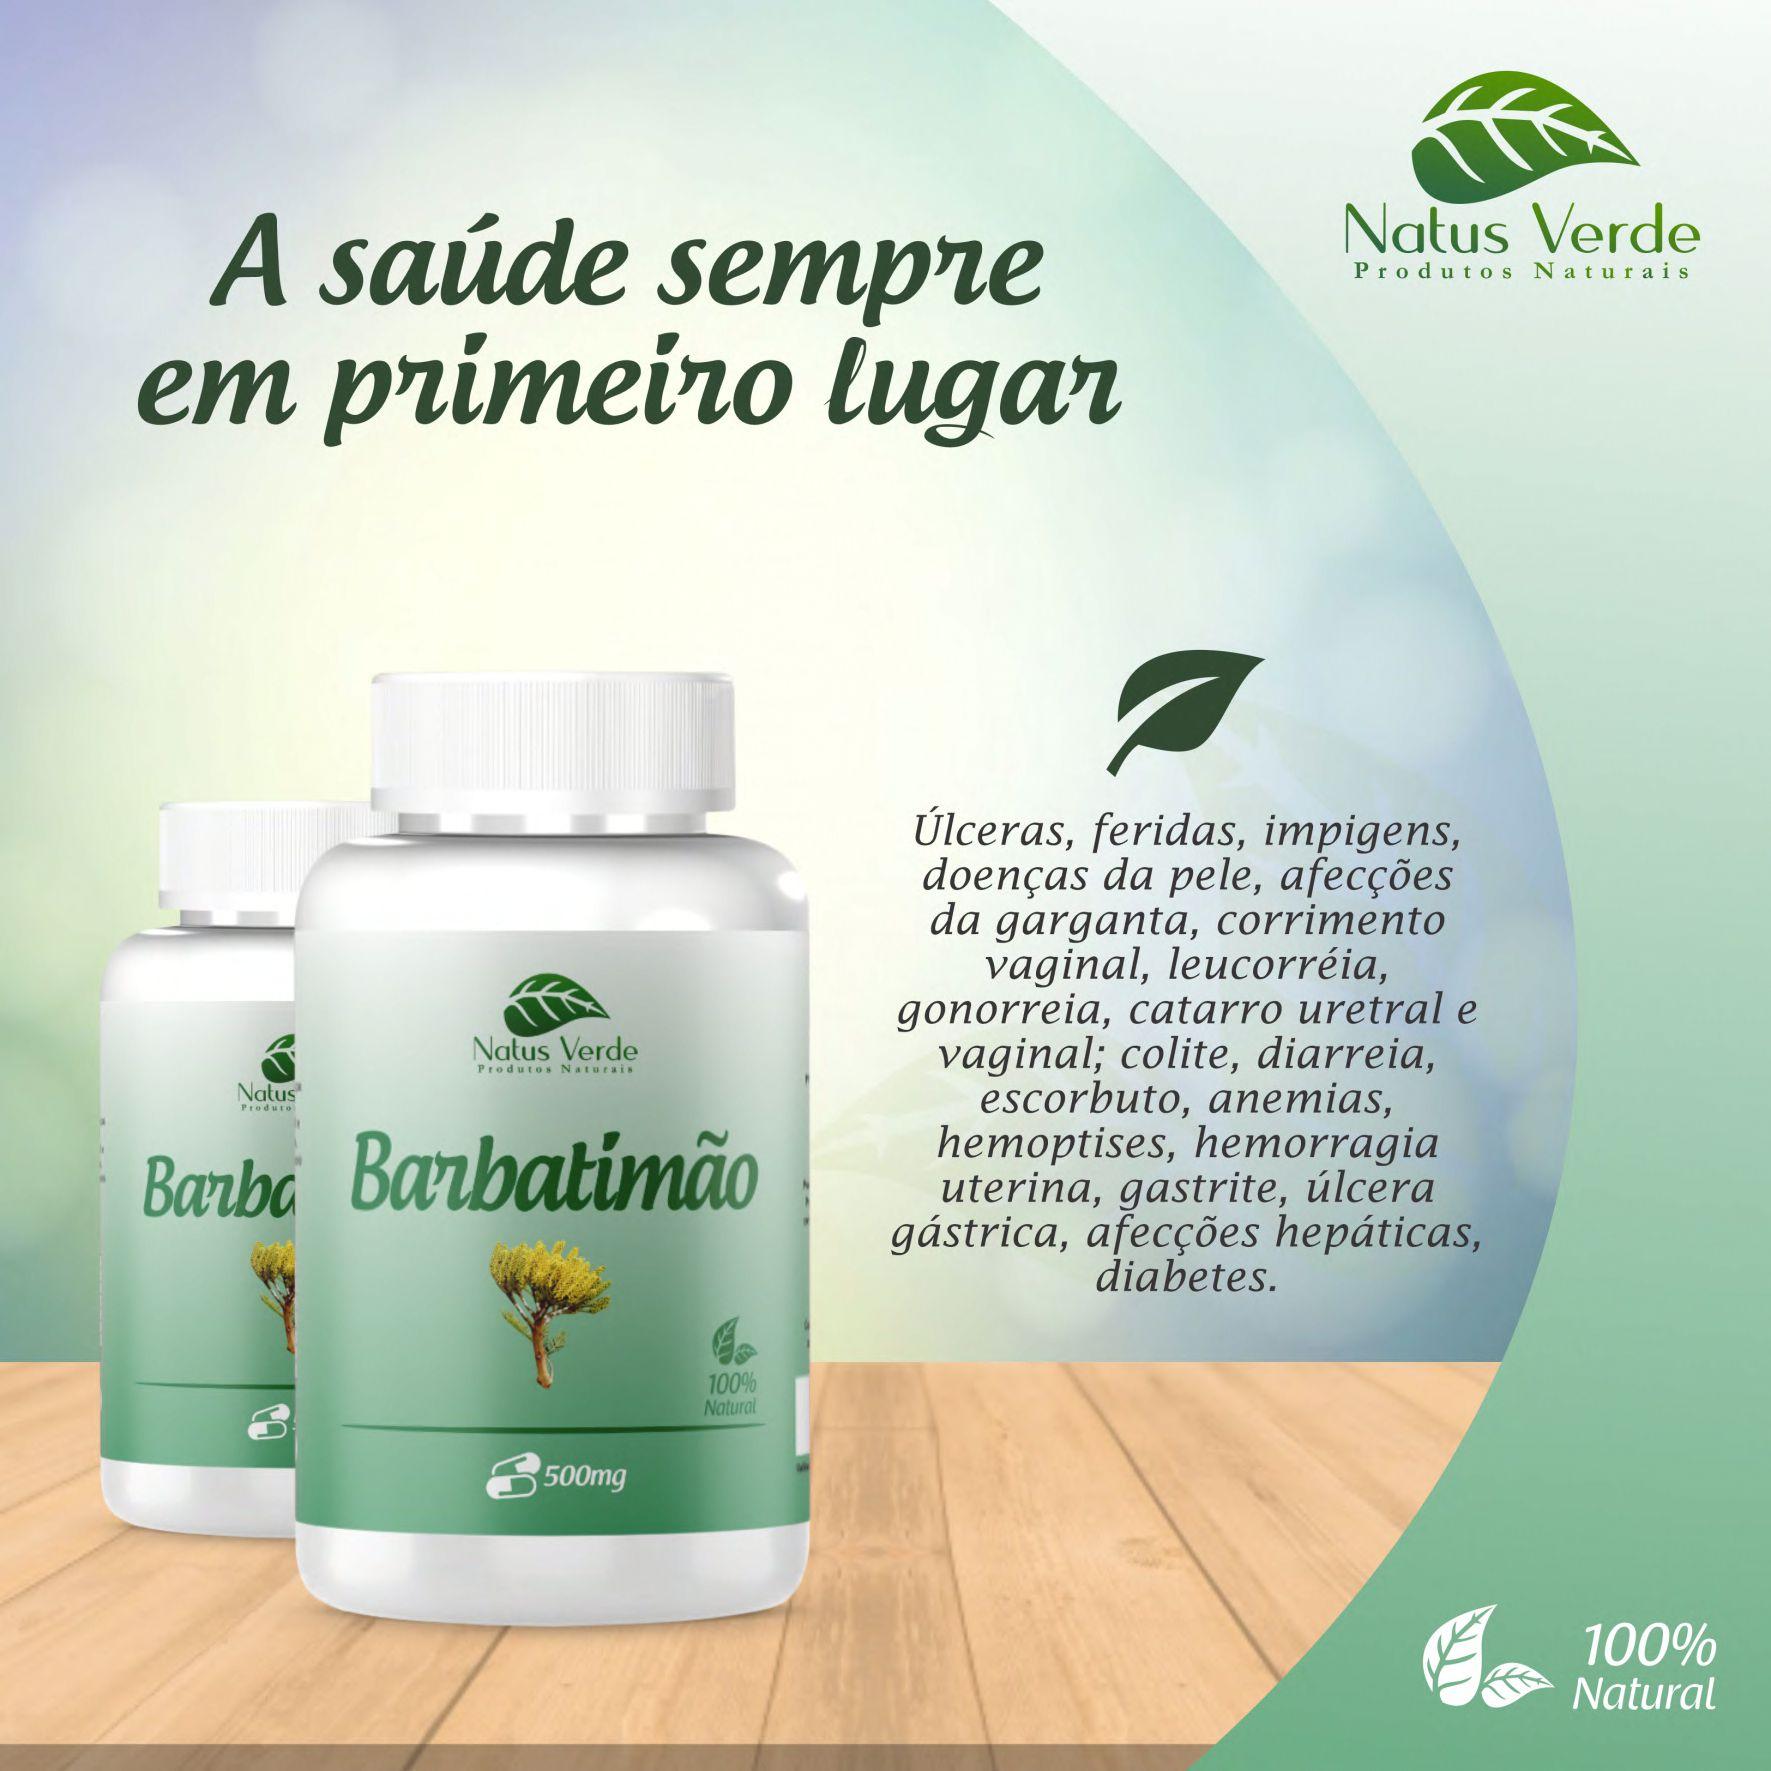 Composto natural Barbatimão Natus Verdes 60 caps  - Fribasex - Fabricasex.com